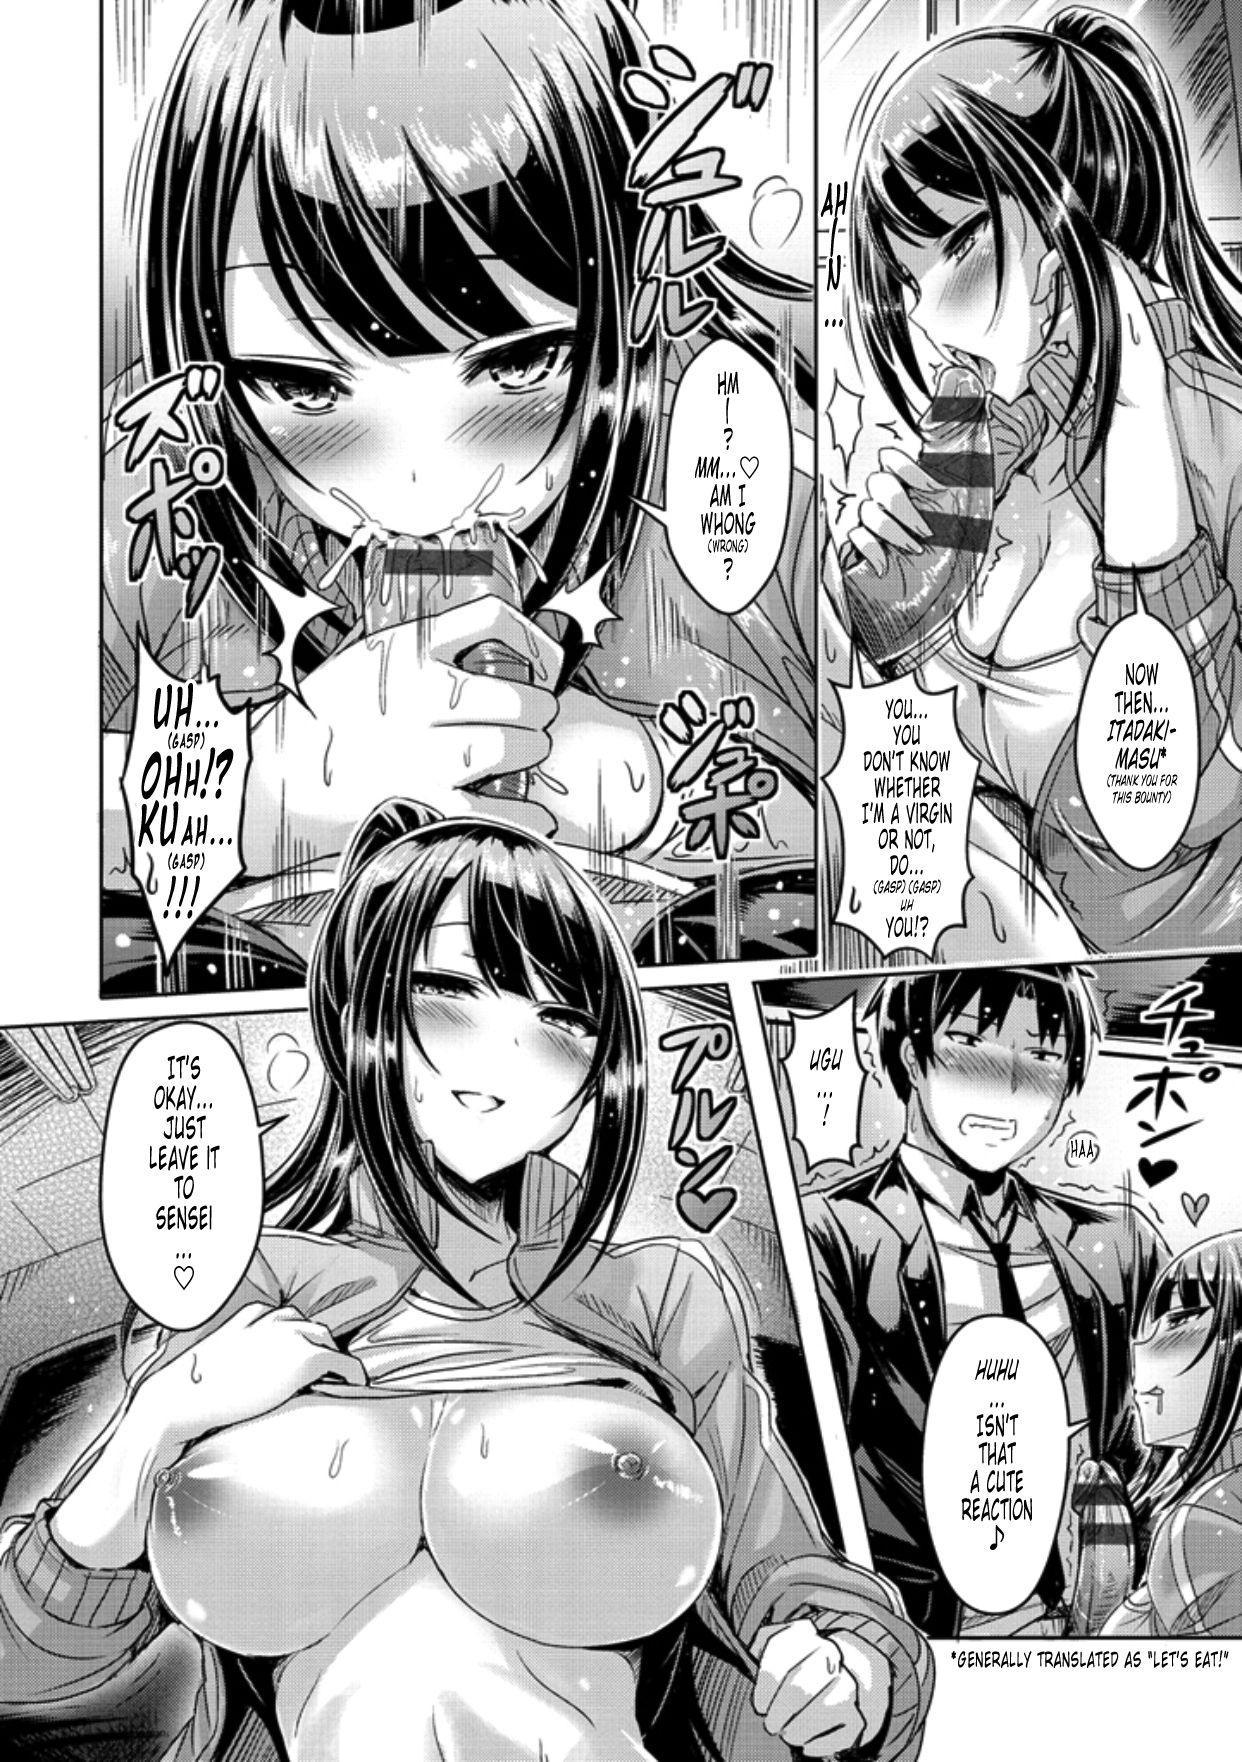 ChichiKoi! 54